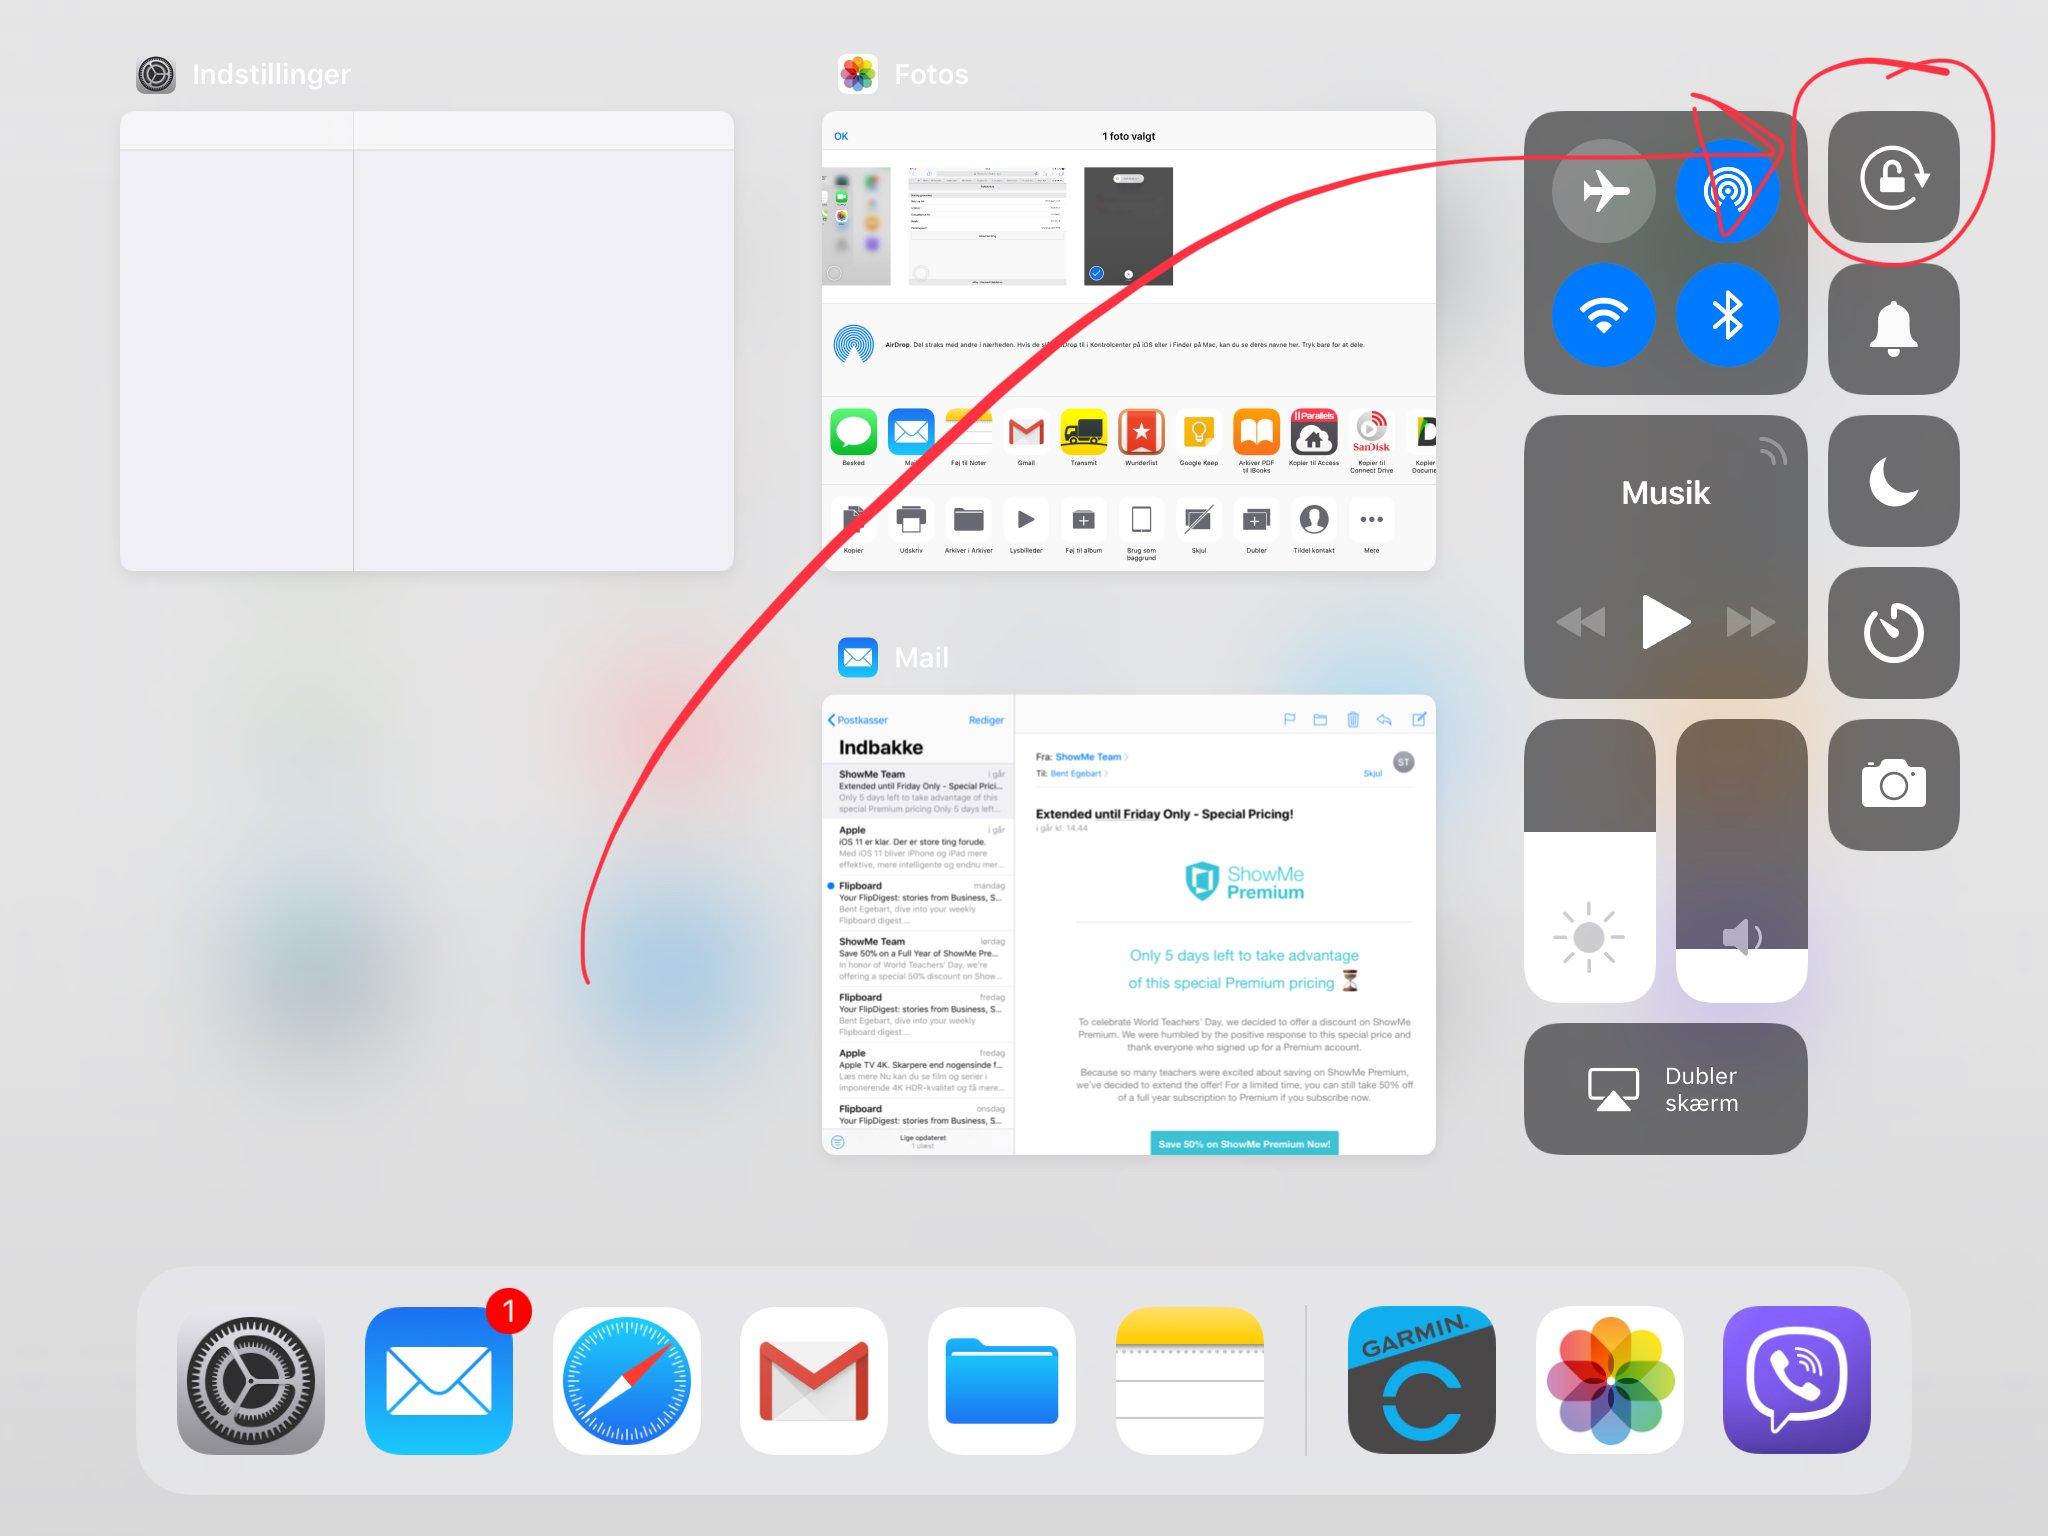 Sådan ser skærmen ud når du slukker din iPad c297fe04e83cc